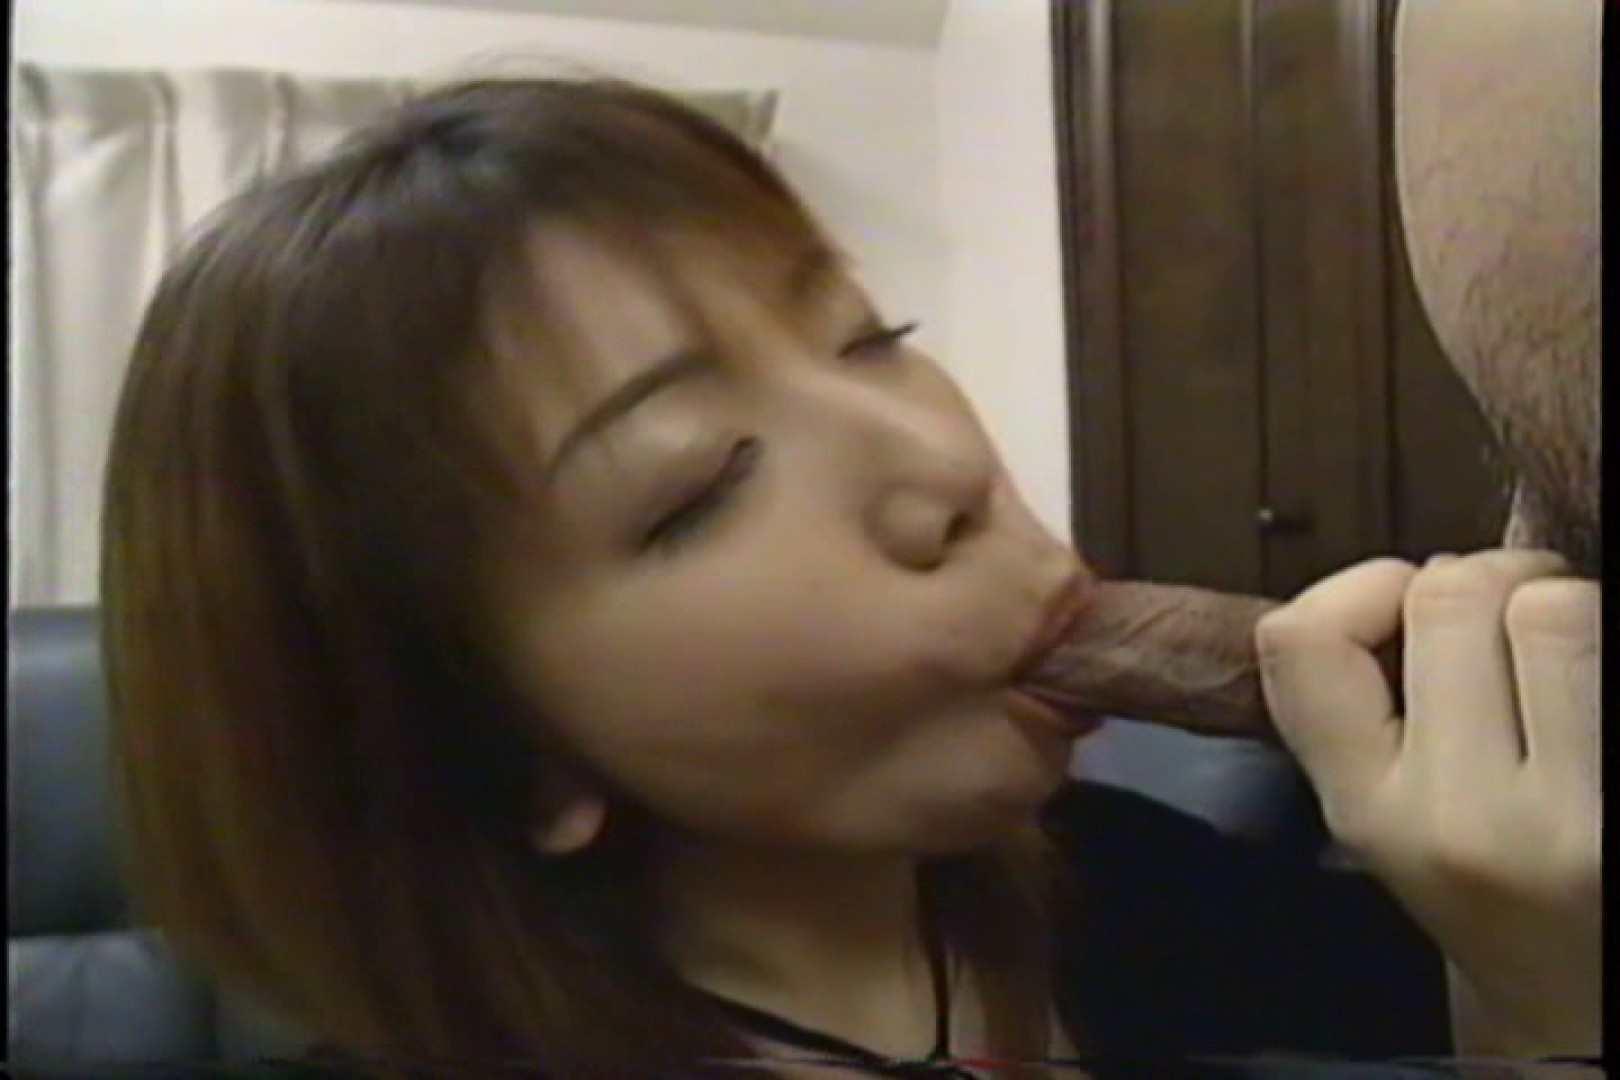 かわいい人妻、巨乳が疼いて止まらない~飯島れいか~ オナニー 性交動画流出 108連発 2